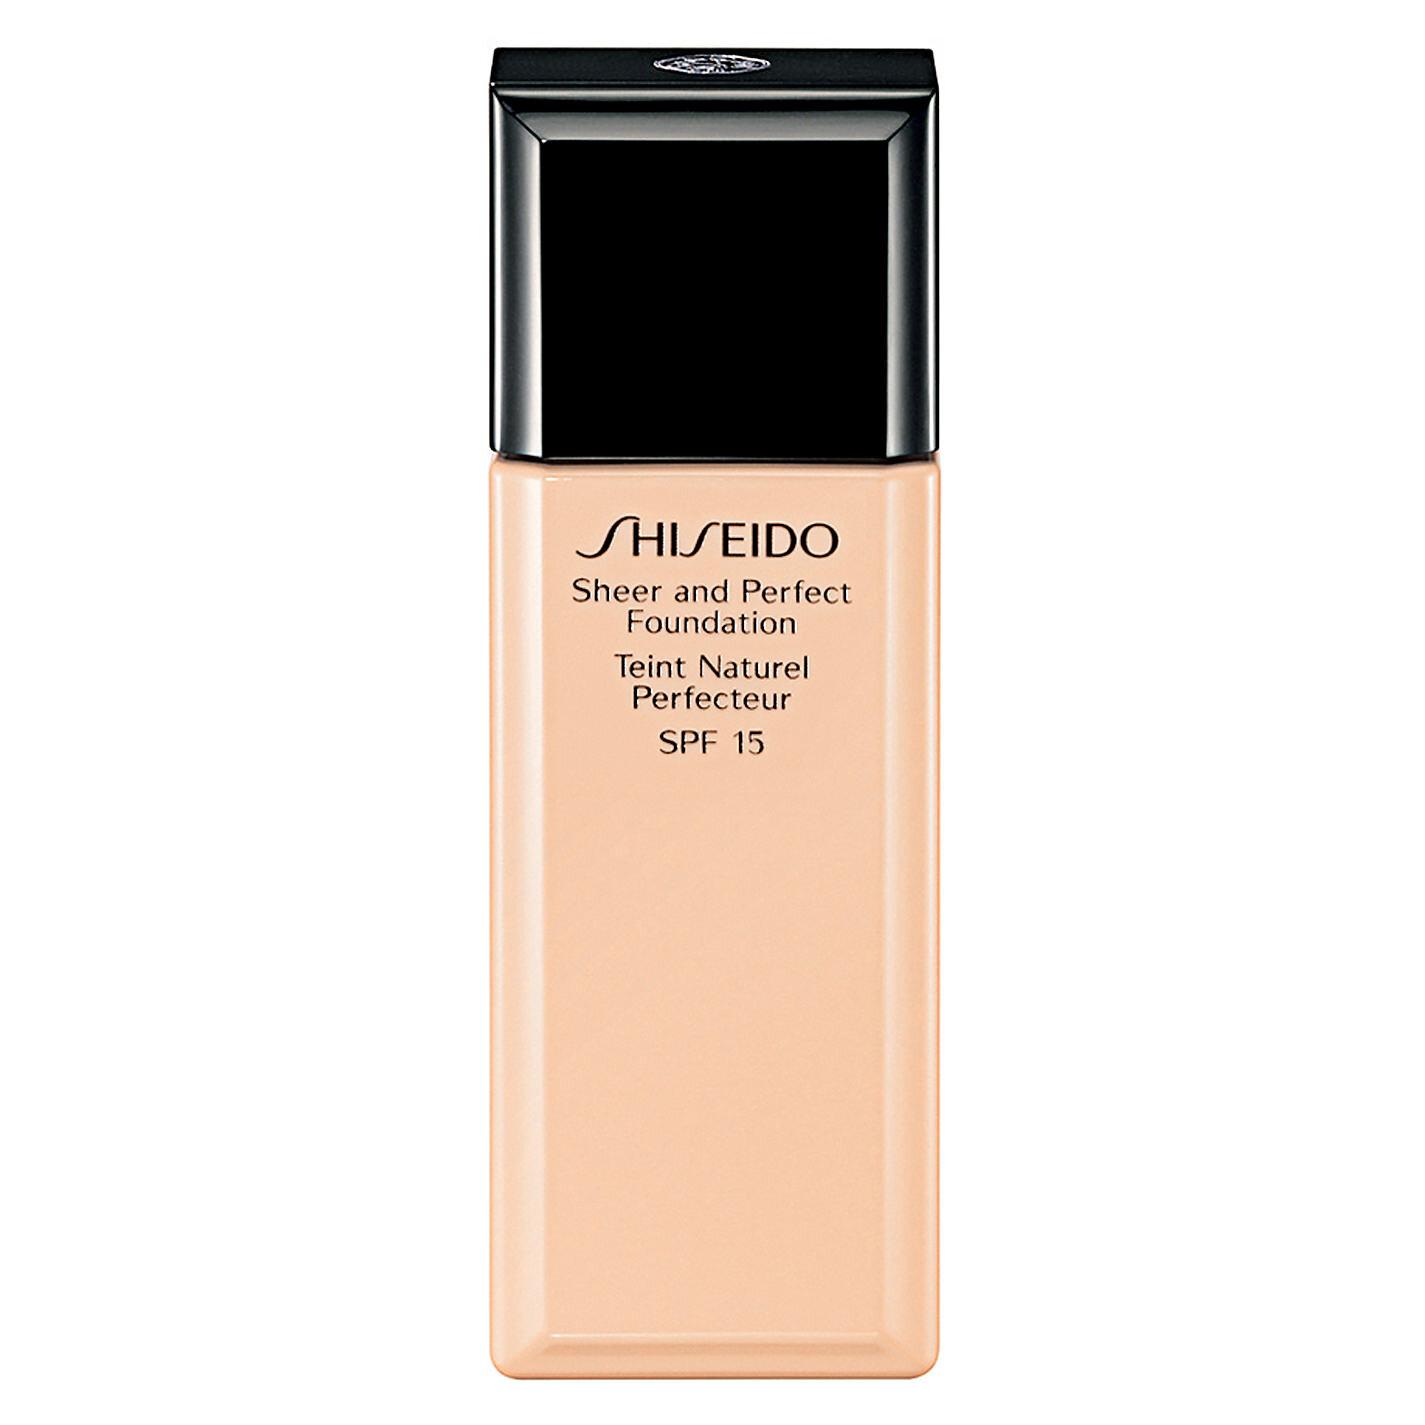 Phấn nền dạng lỏng Shiseido Sheer and Perfect Foundation 30ml